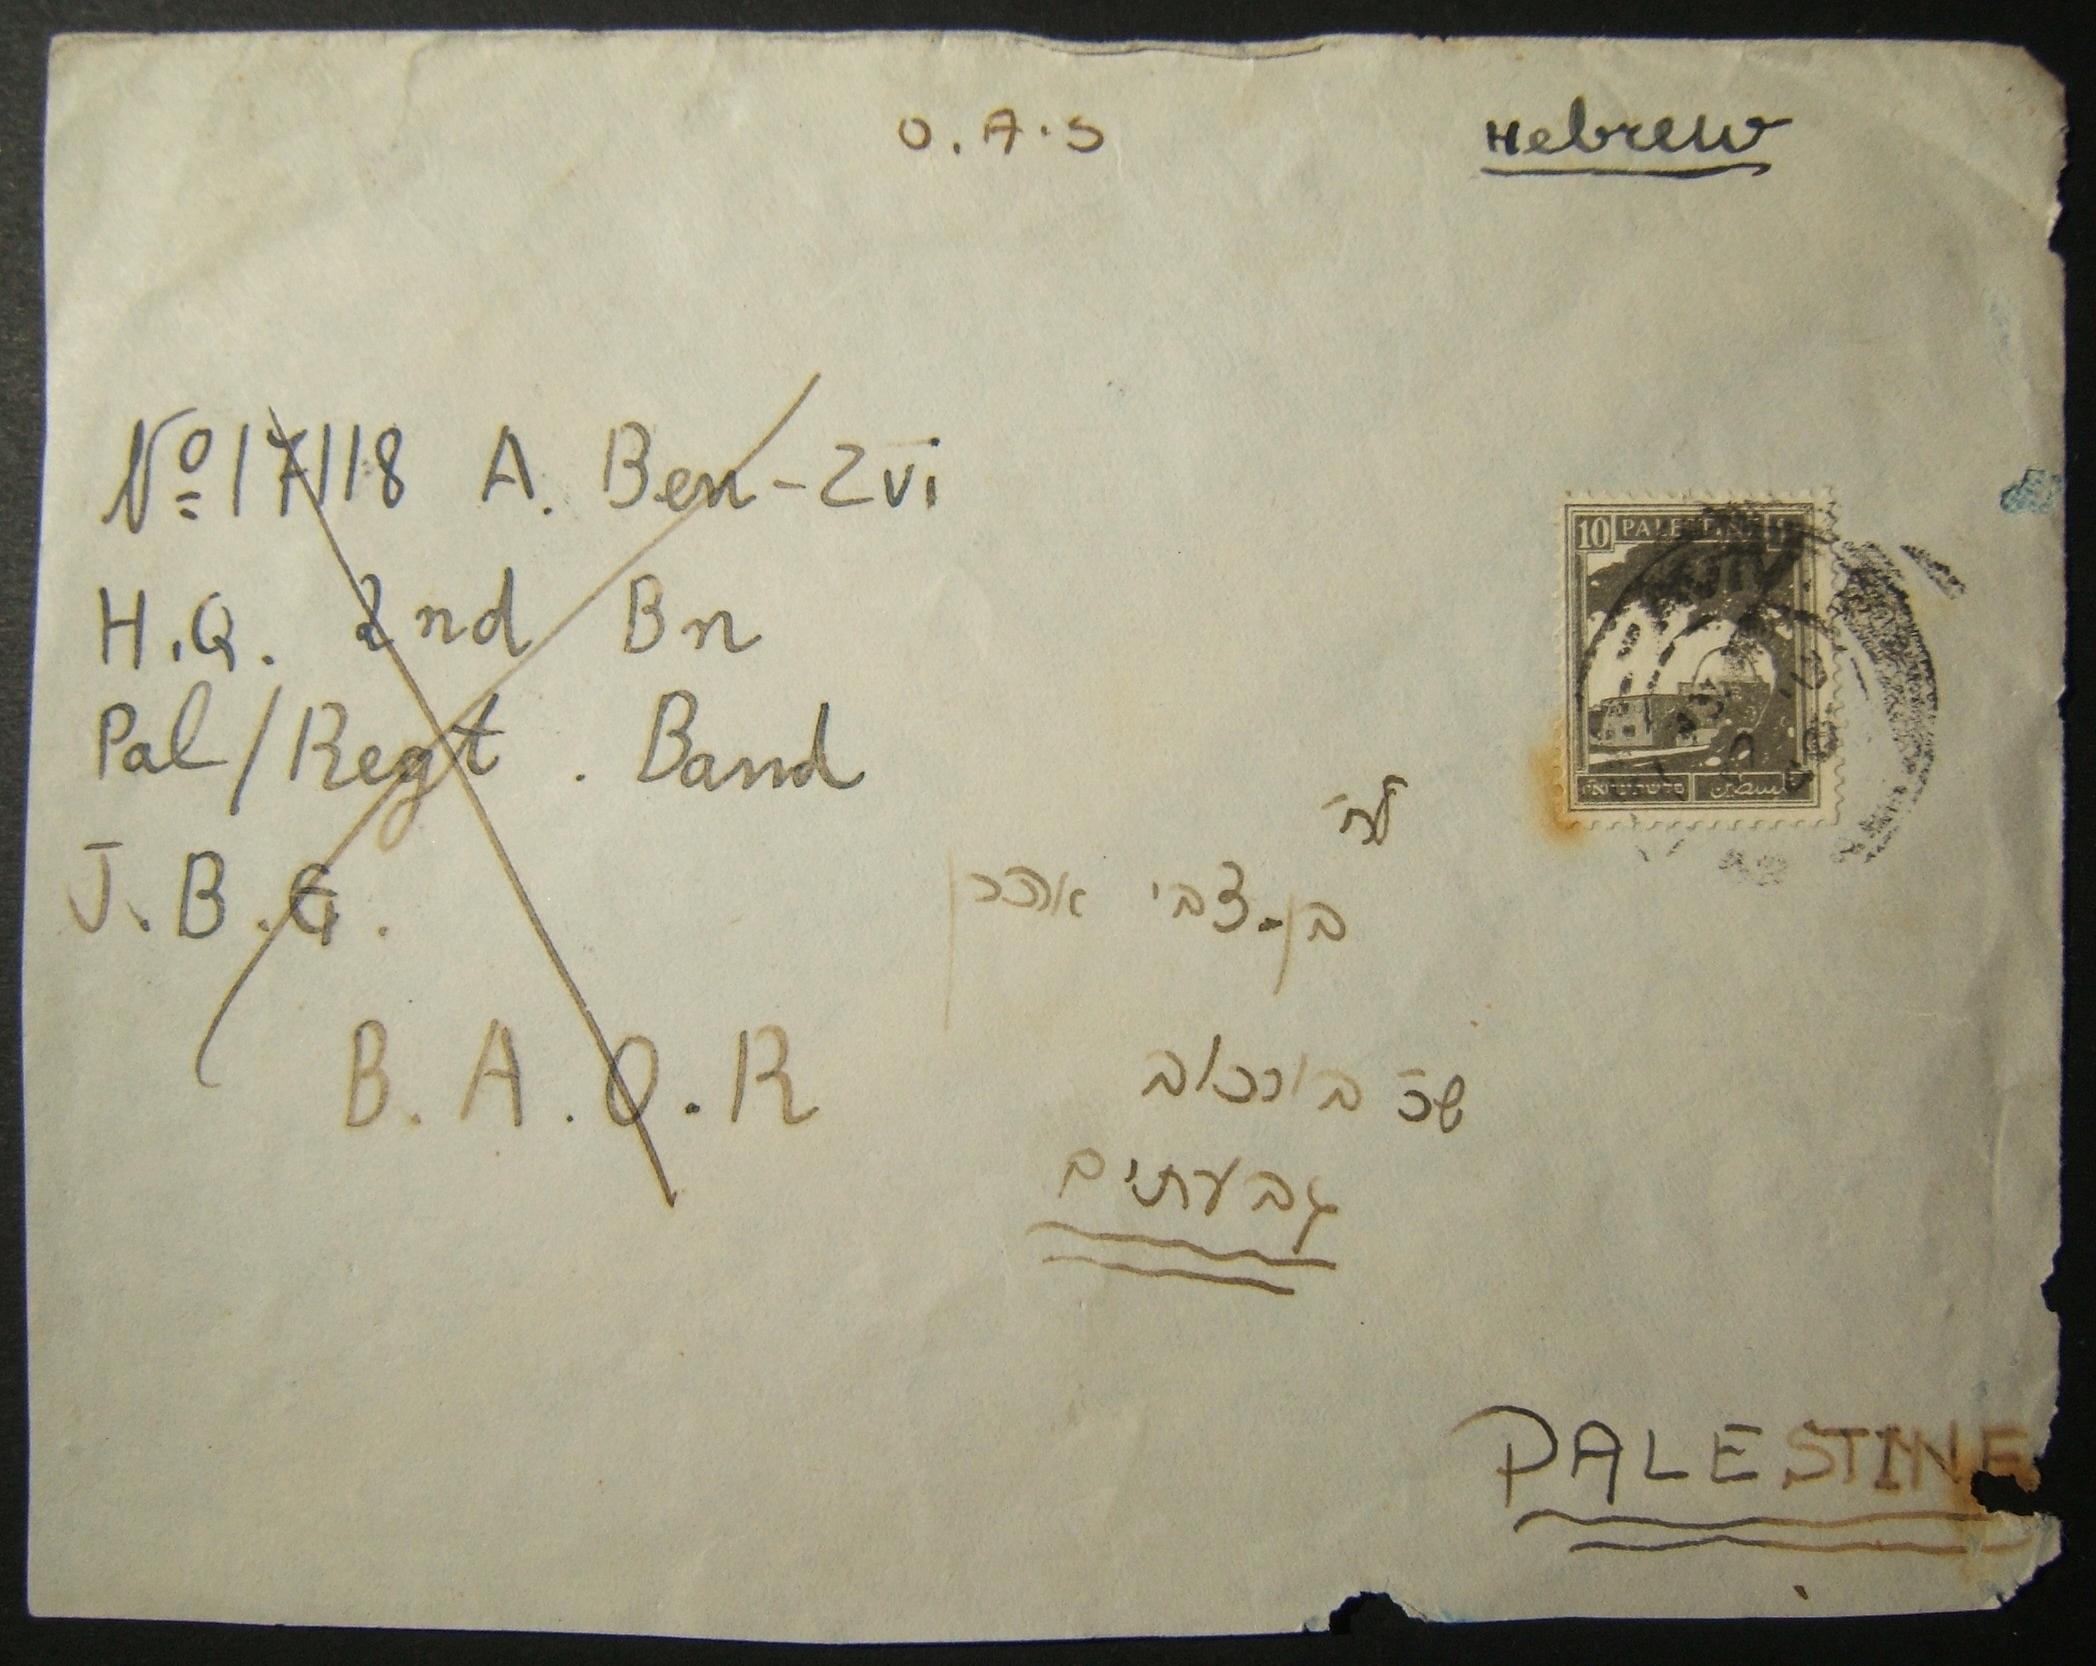 6/1946 بريدًا من تل أبيب إلى عضو في اللواء اليهودي. إعادة توجيه البريد خدمة نشطة